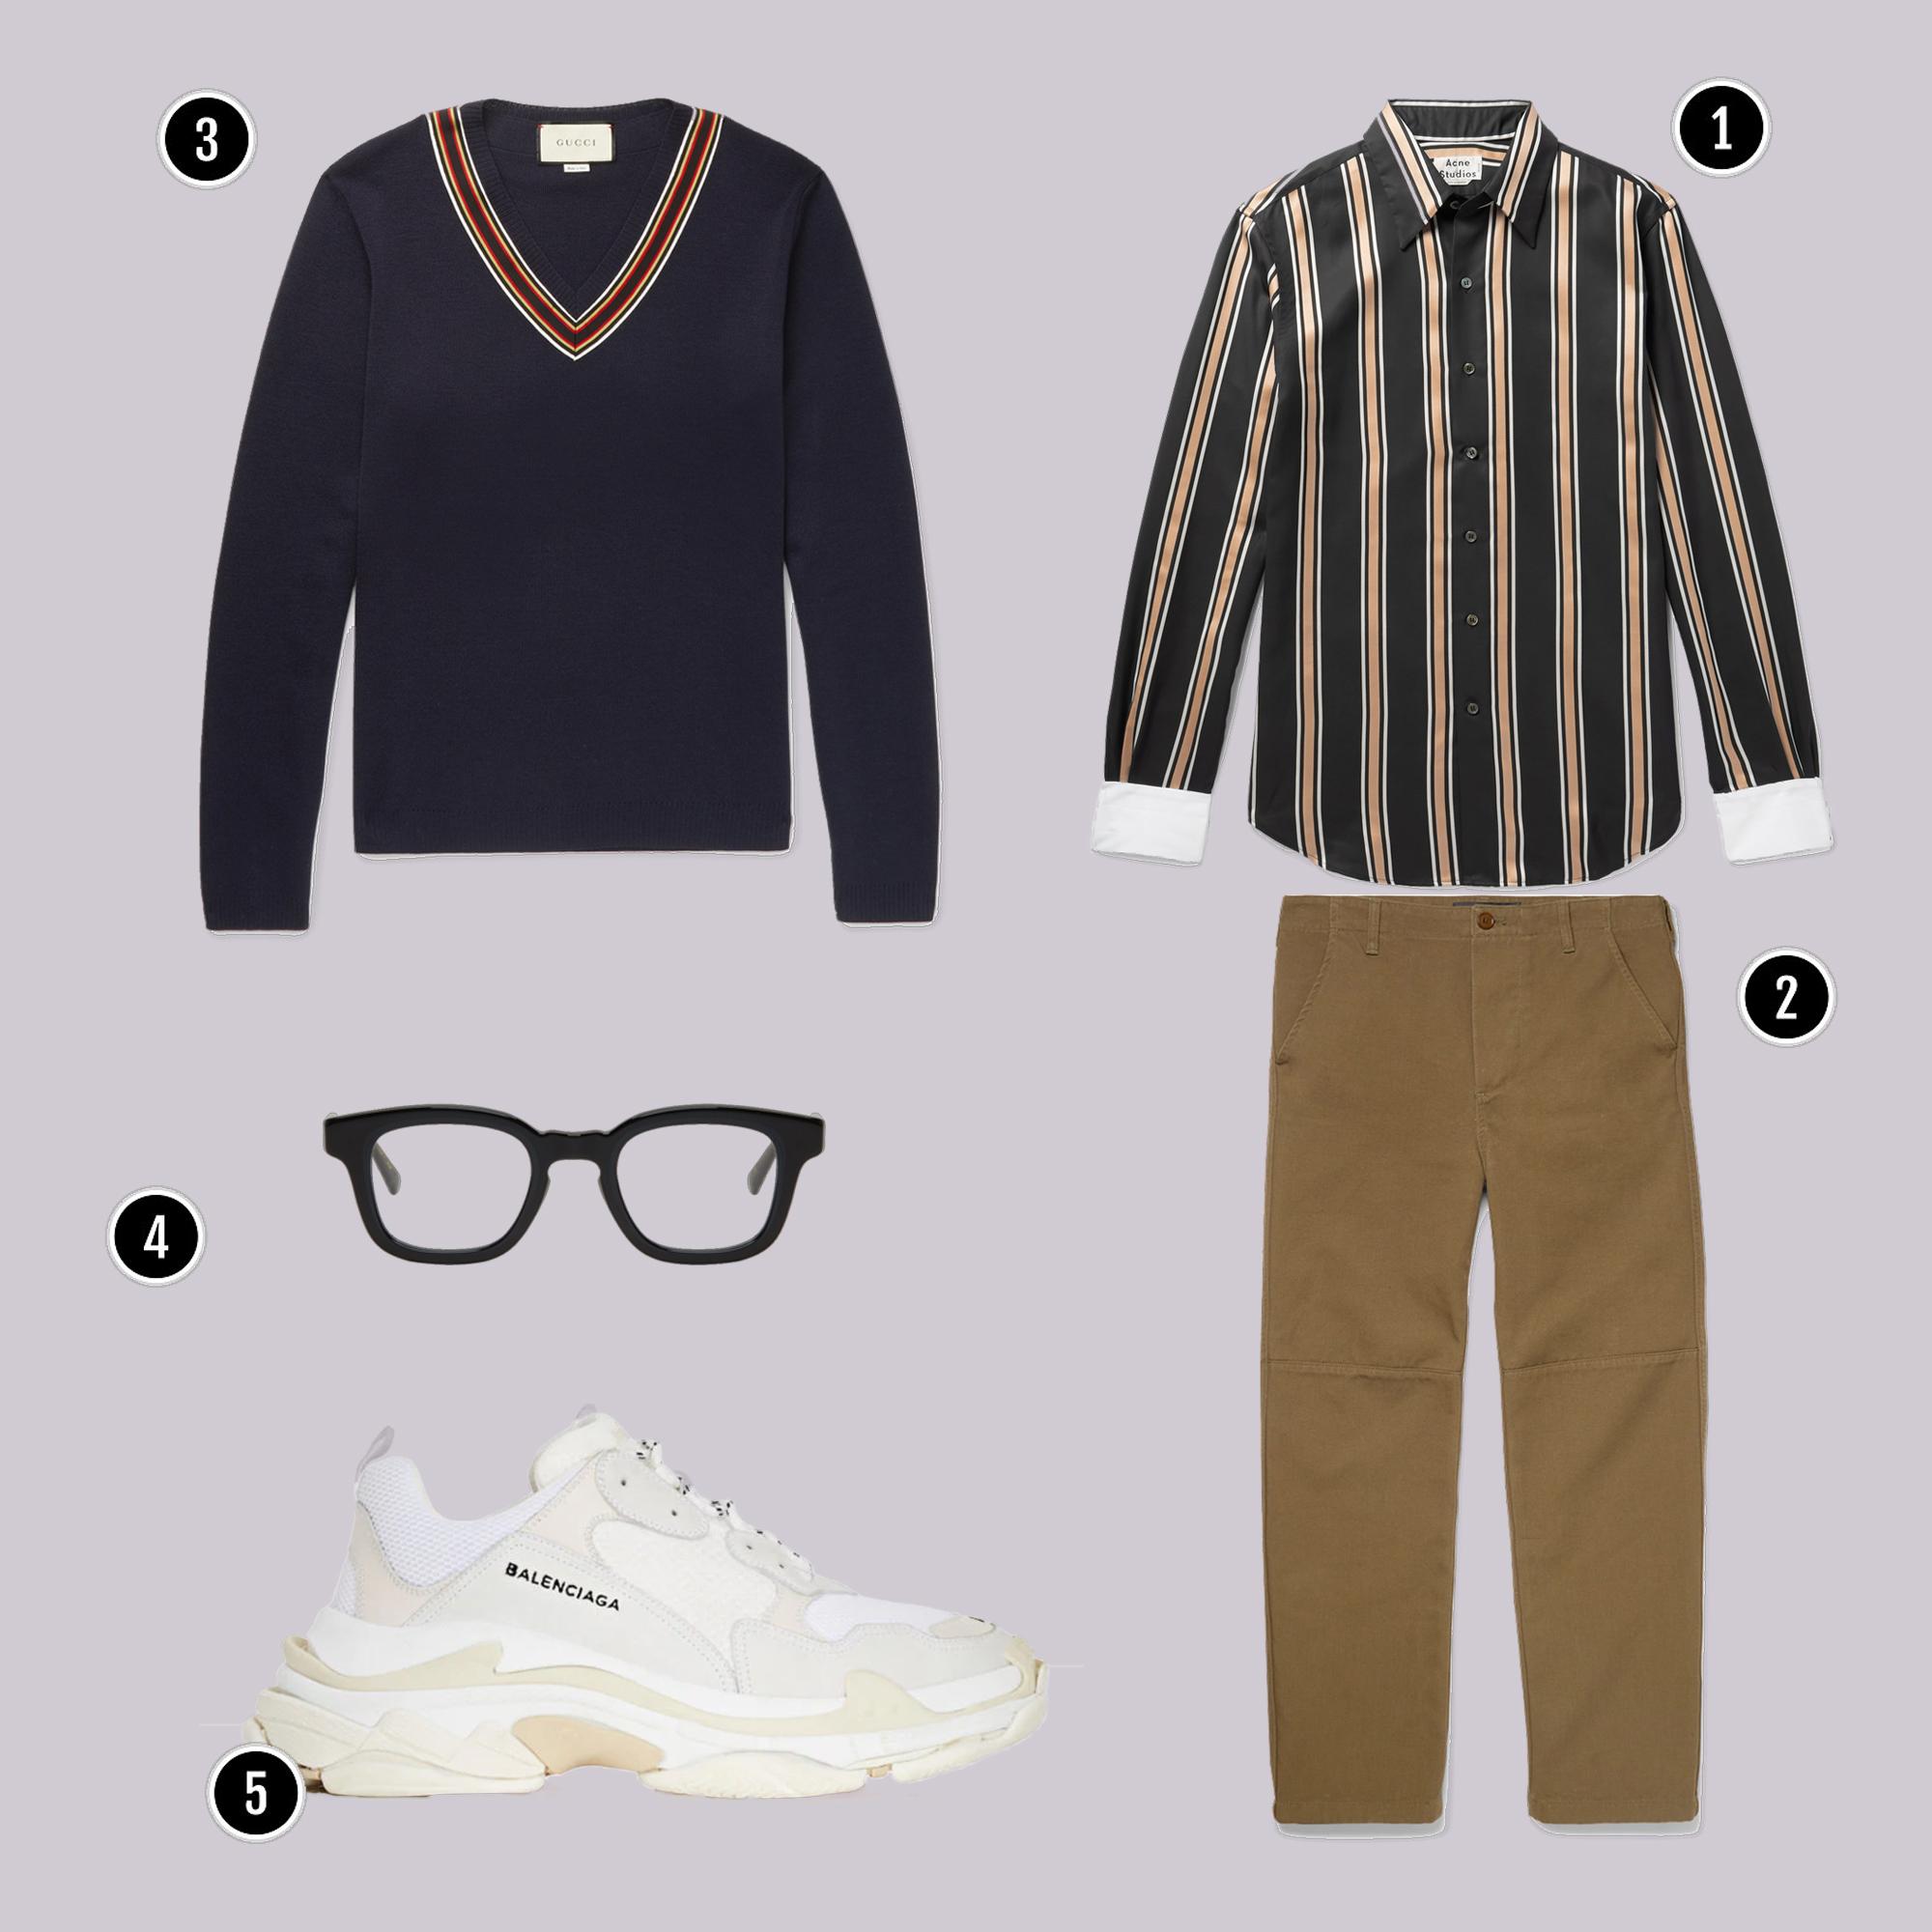 1. Áo: Acne / 2. Quần: Balenciaga / 3. Áo: Gucci / 4. Kính: Eyevan 7285 / 5. Giày: Balenciaga